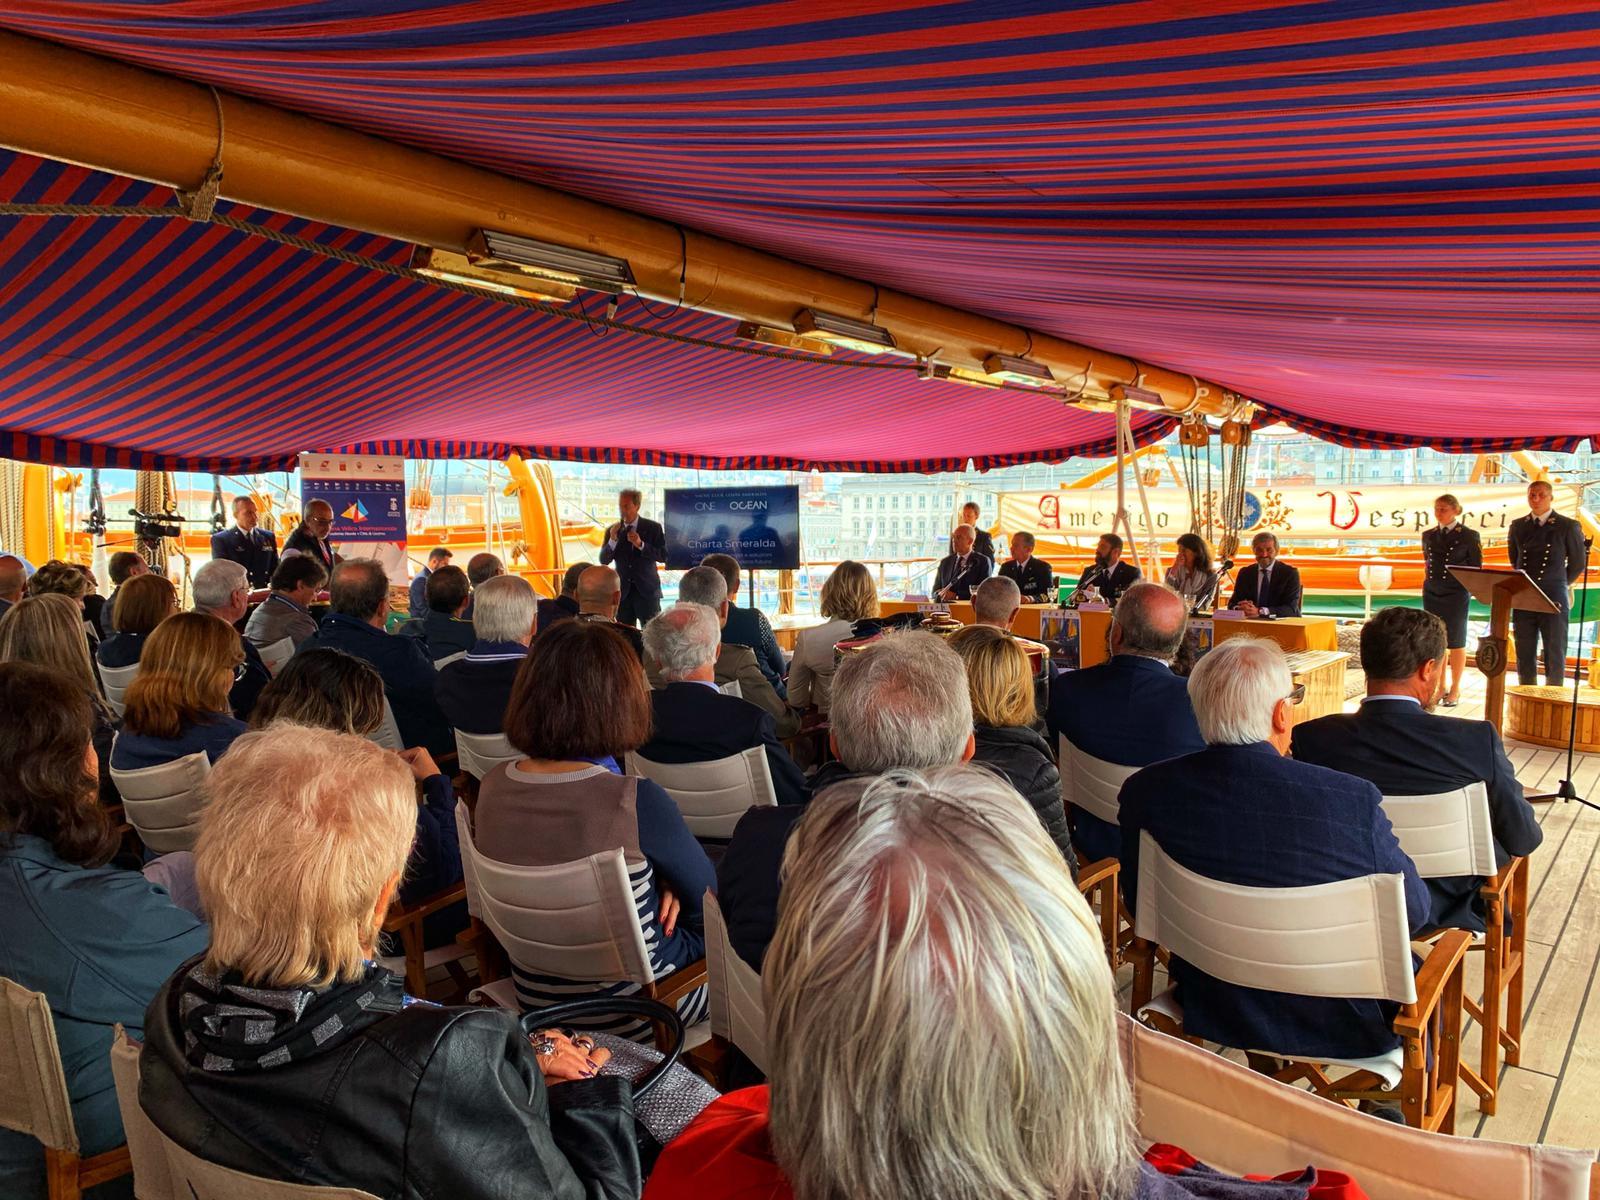 Presentata su Nave Vespucci la Settimana Velica Internazionale 2020 - NEWS - Yacht Club Costa Smeralda